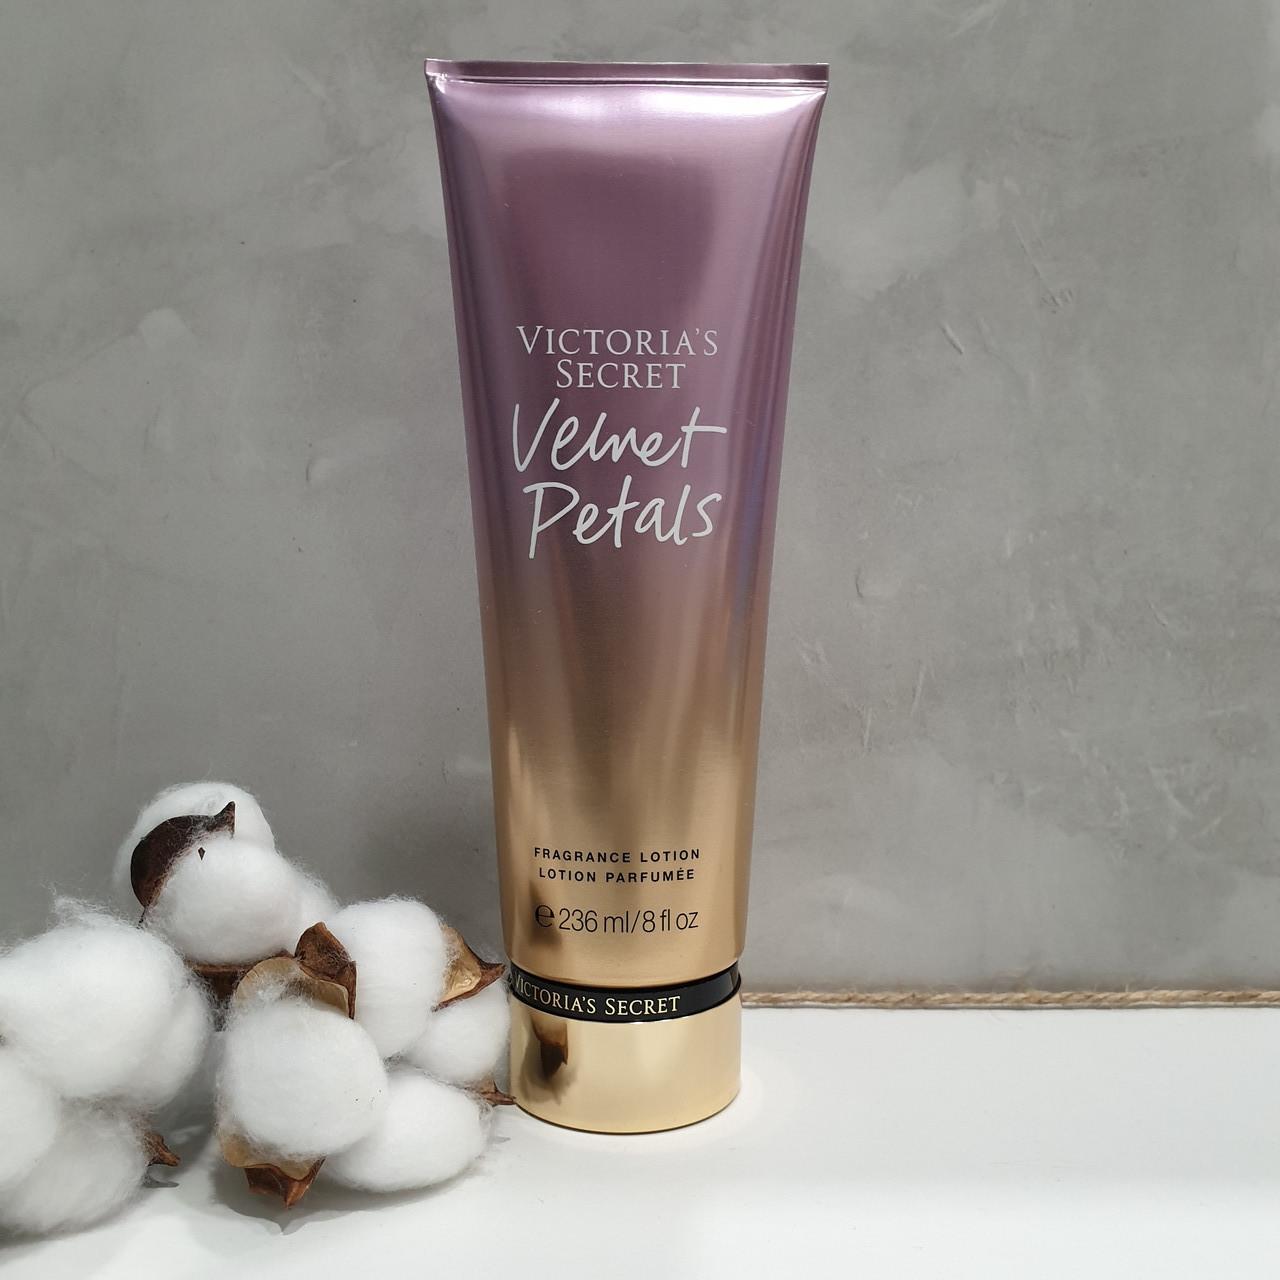 Лосьон для тела Victoria's Secret - Velvet Petals